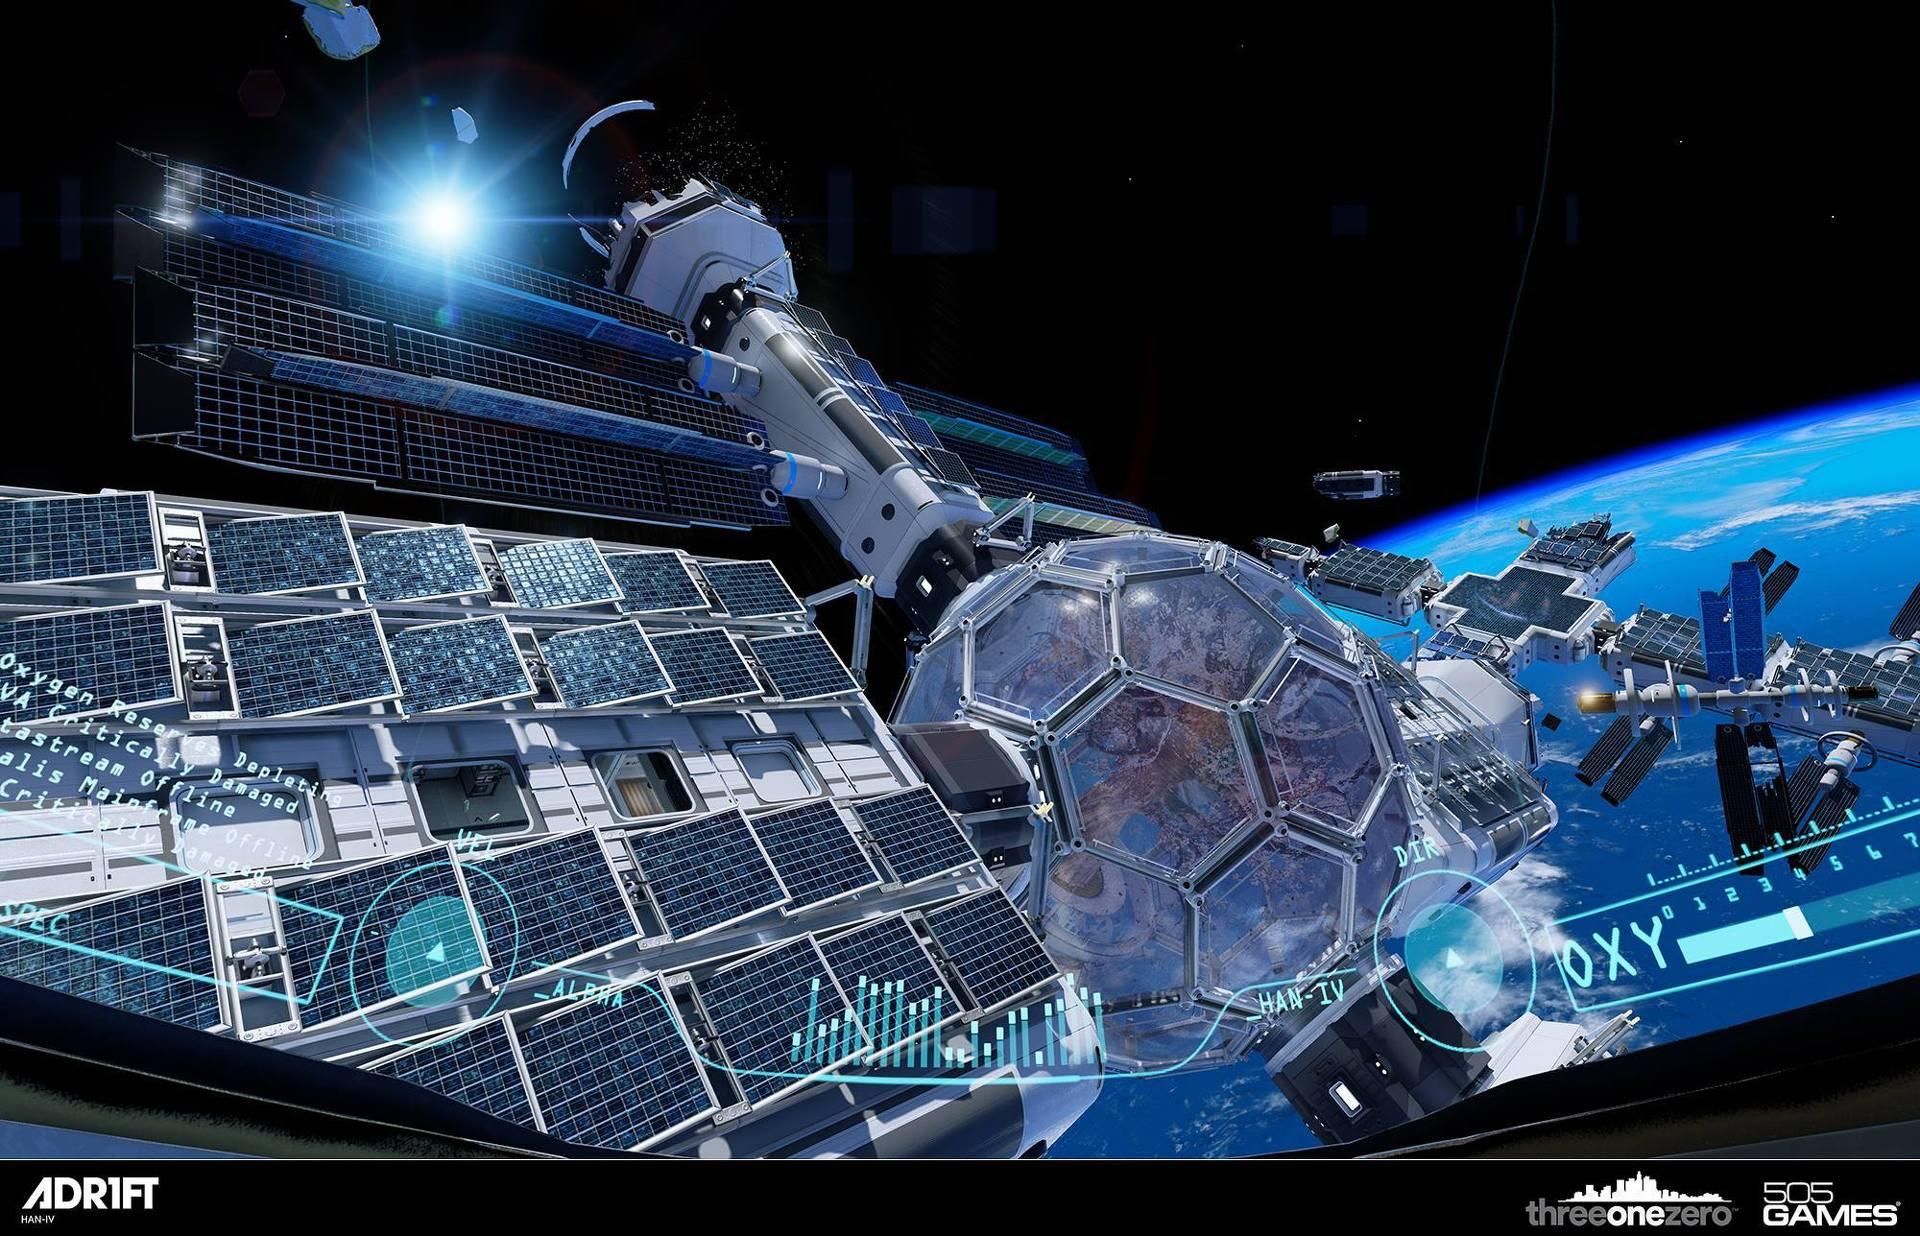 Obrazem: Ve vesmírném Adr1ft se něco pokazí 107487